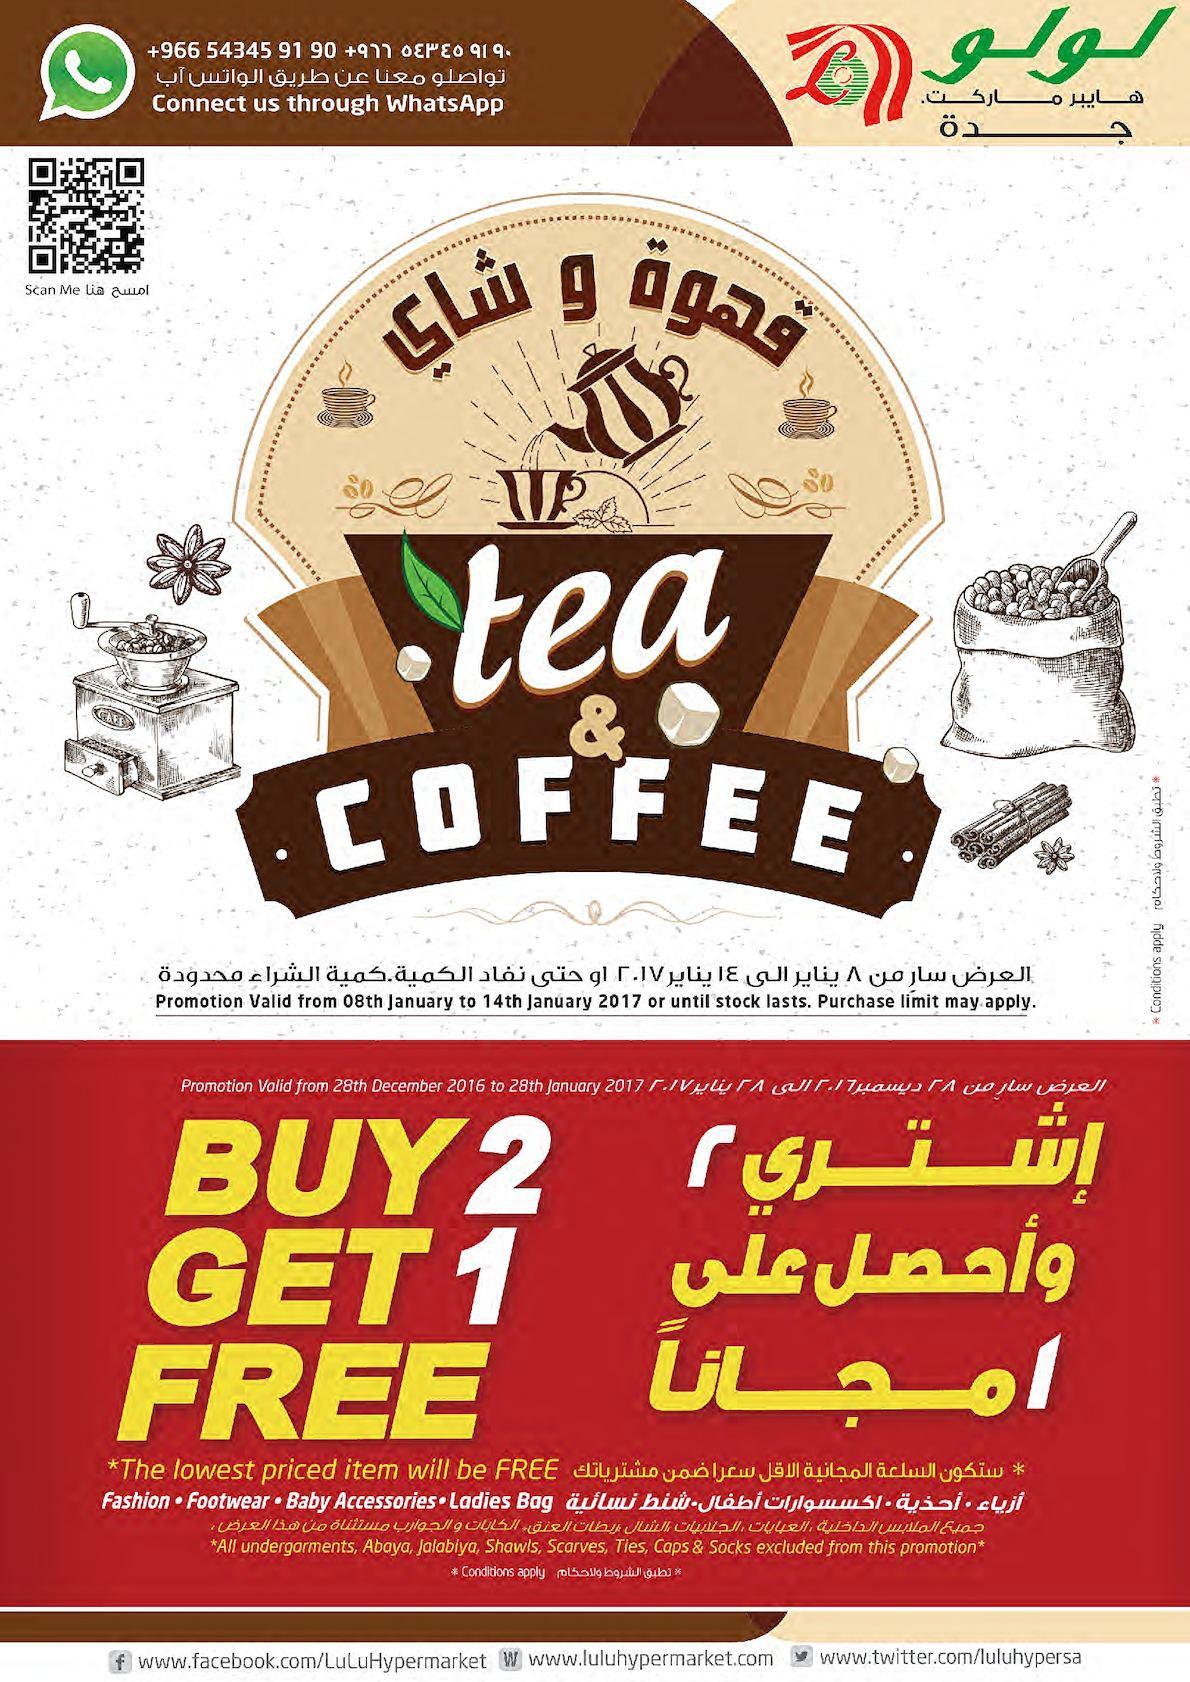 Calaméo - 20170108 - Lulu Jeddah Coffe N Tea - Shop N Save